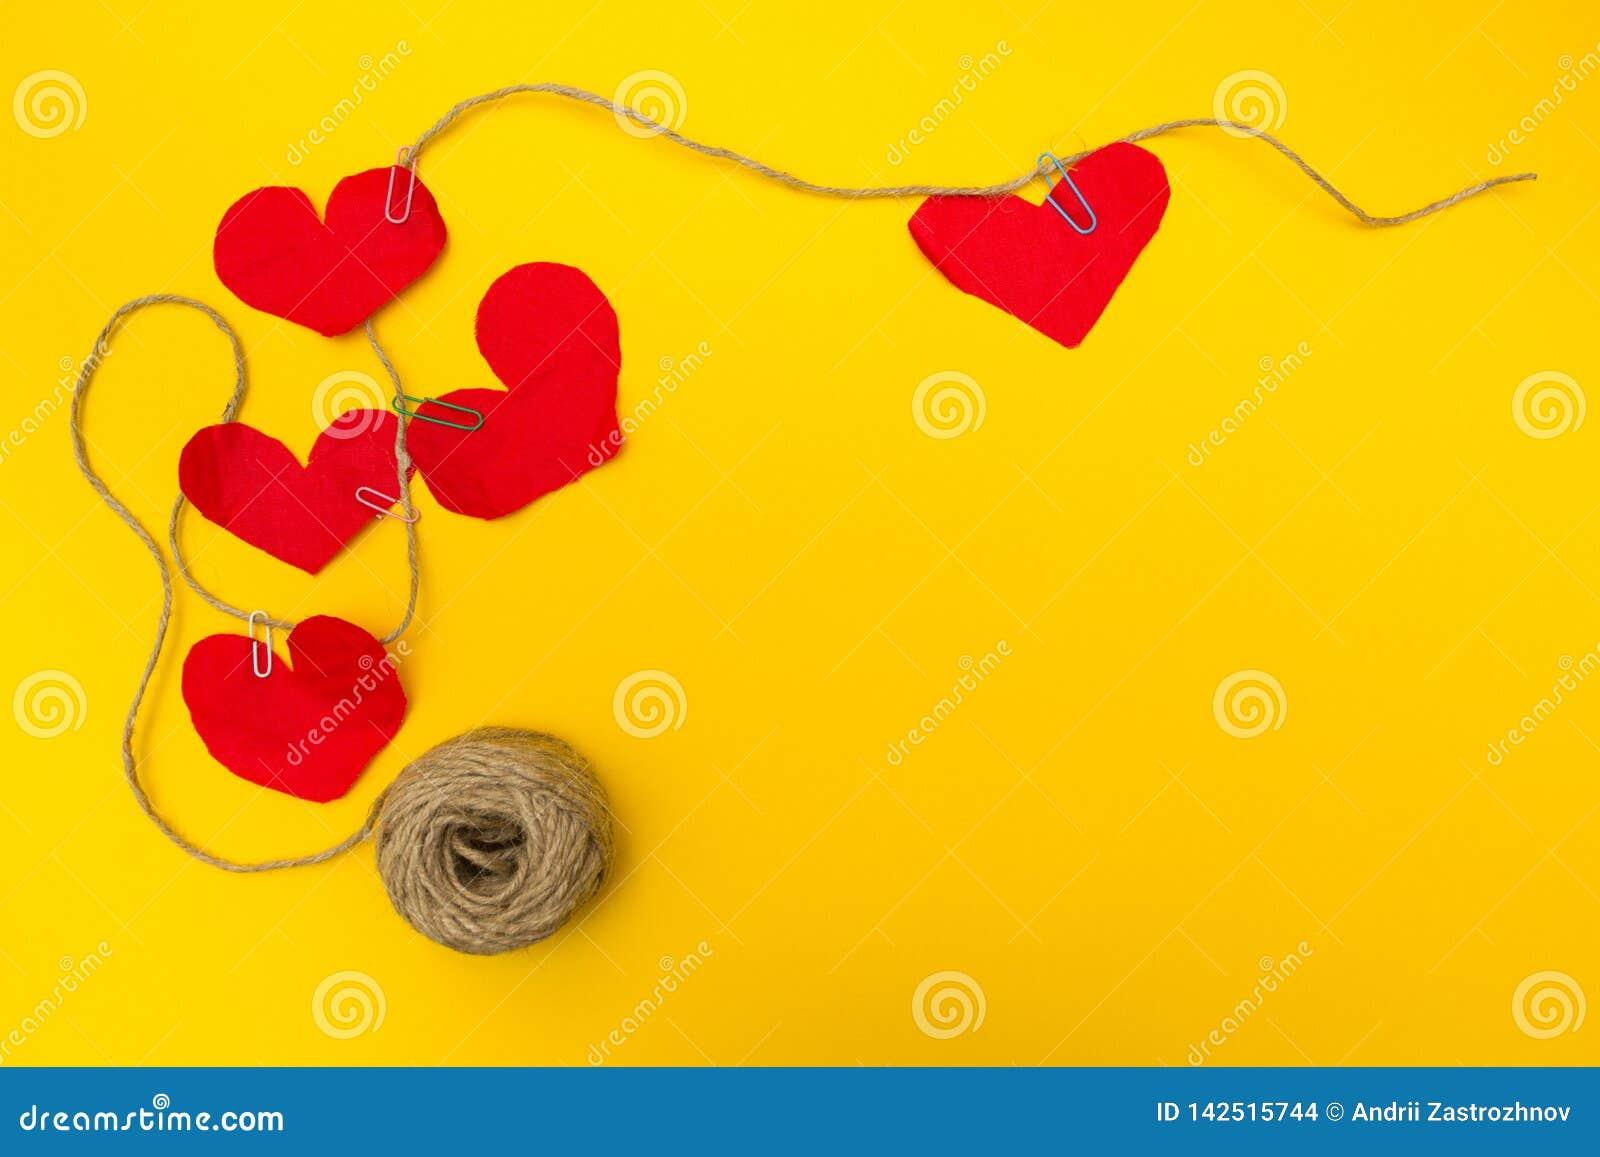 Χειροποίητο σχοινί πέντε κόκκινο καρδιών, κίτρινο υπόβαθρο Επίπεδη σύνθεση